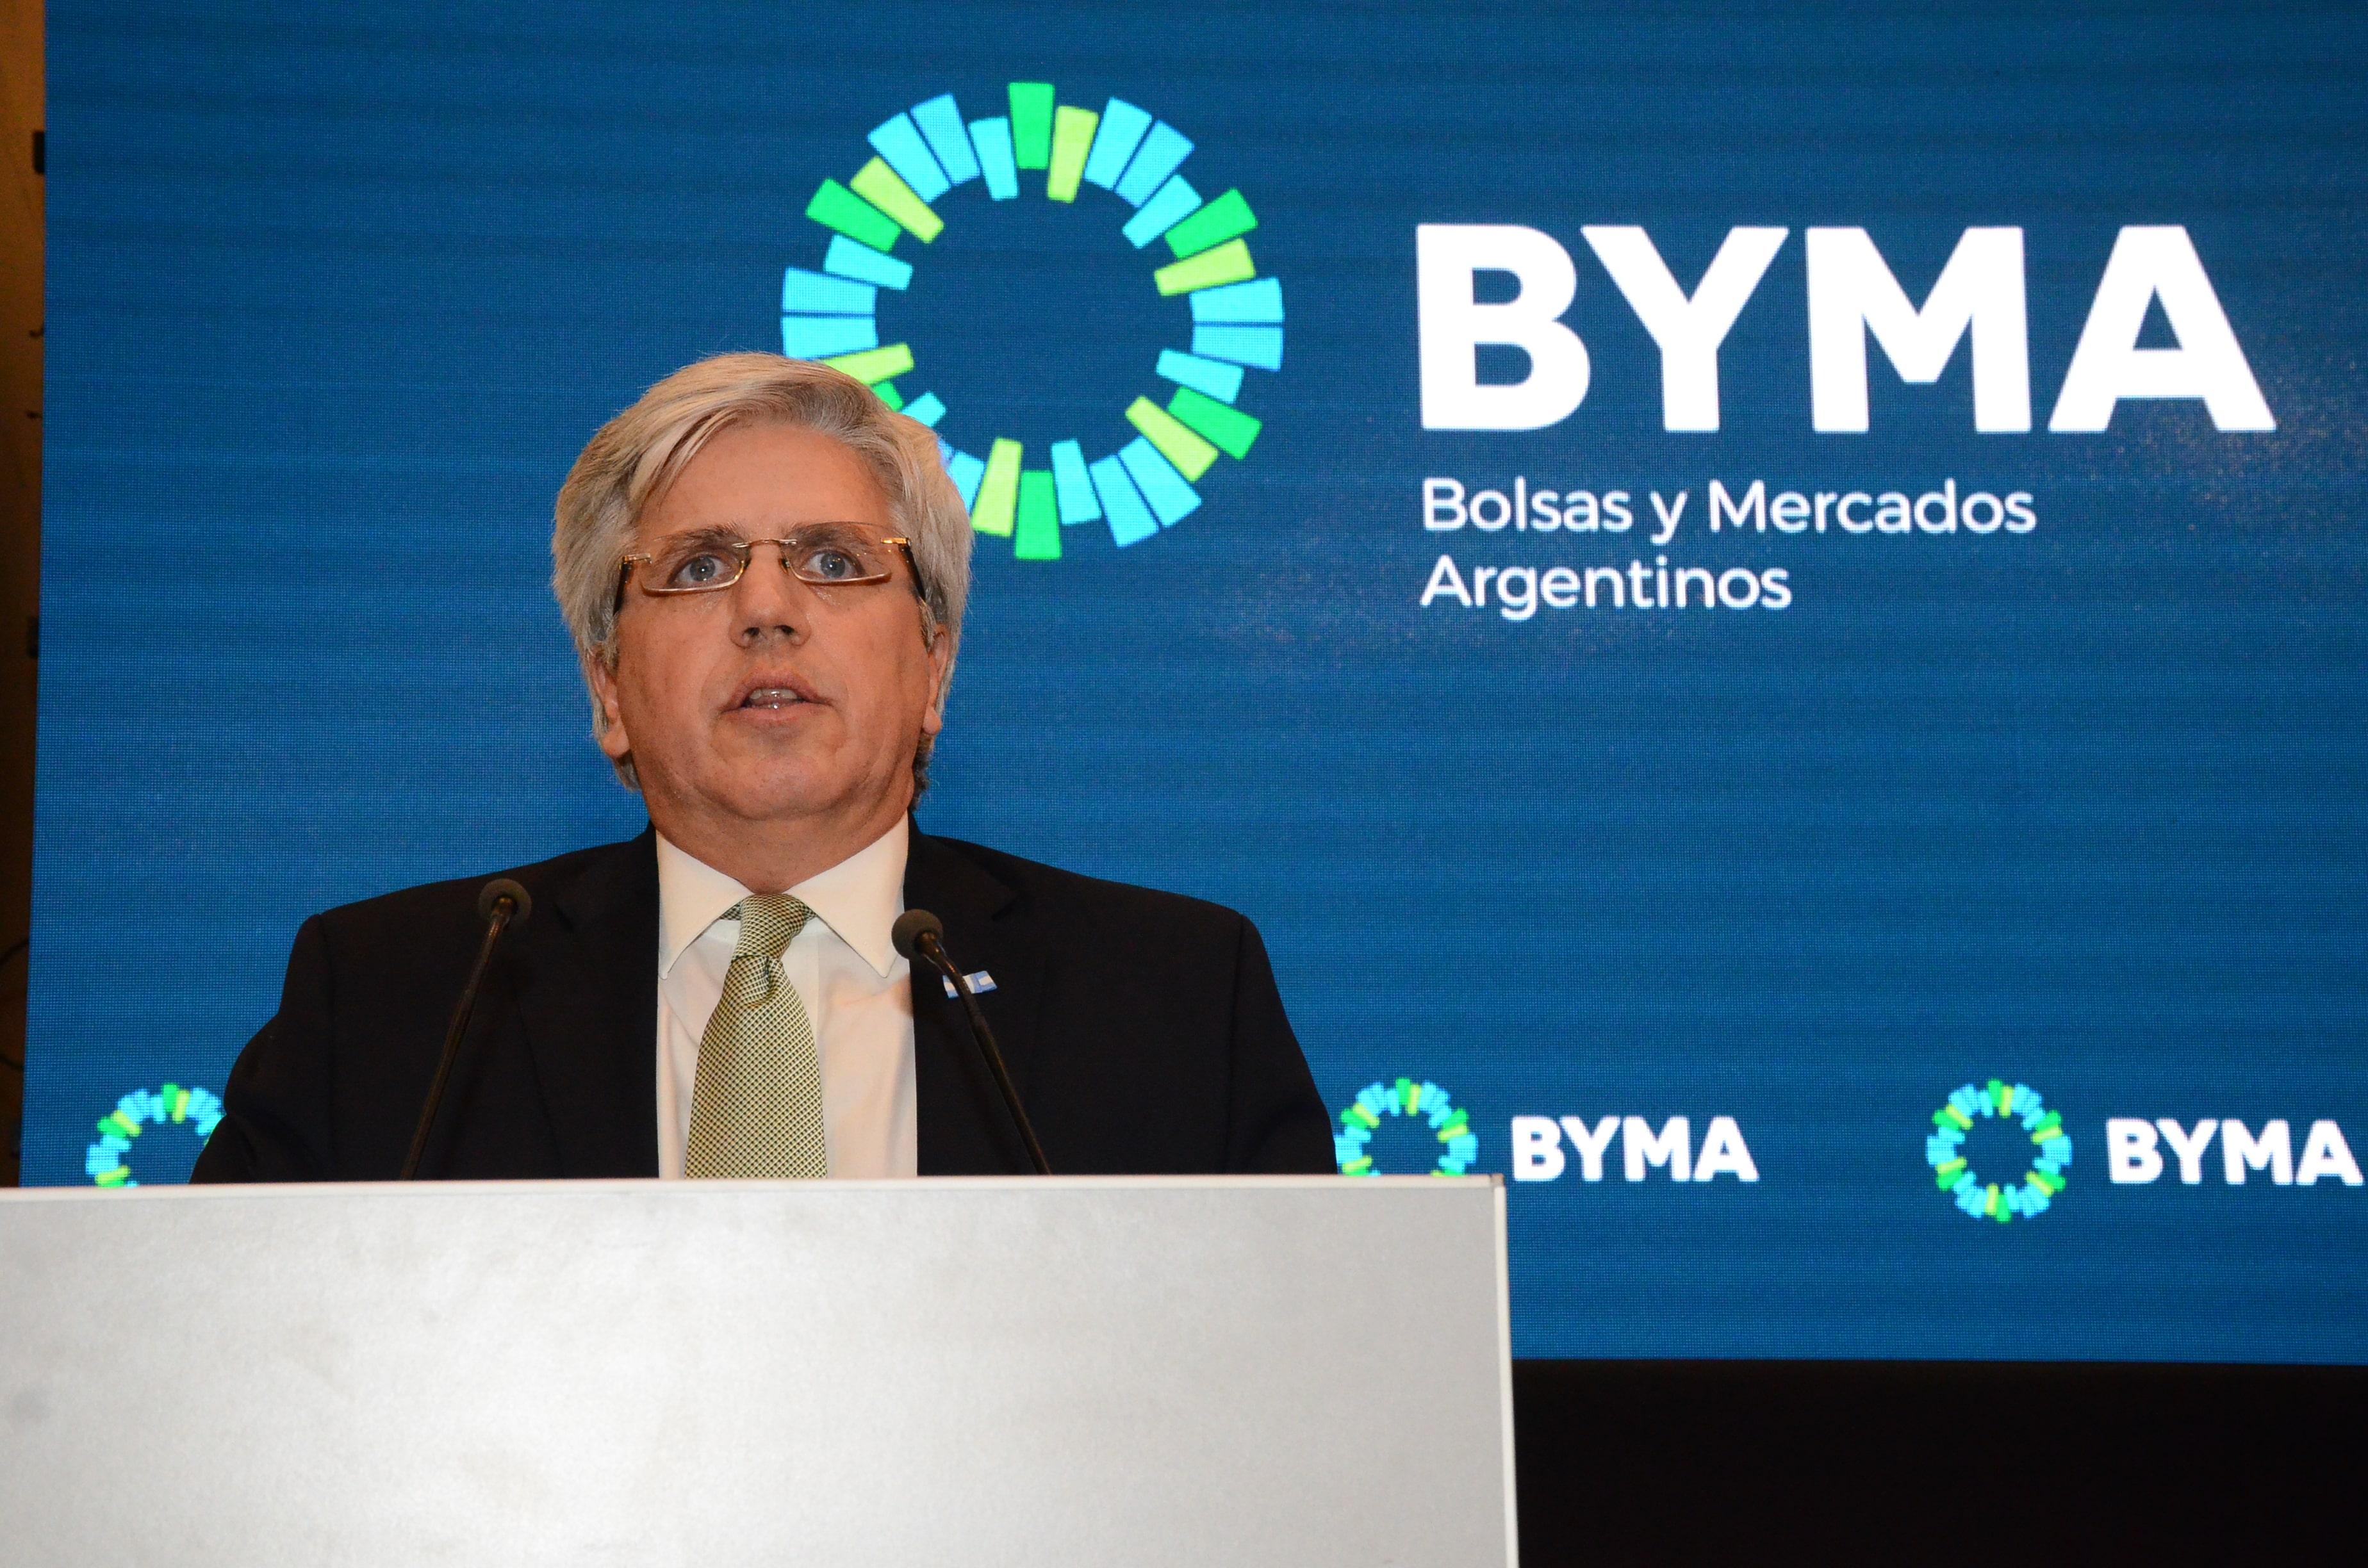 BYMA también llamó a sociedades de Bolsa para transmitir el mensaje oficial: que no se opere el CCL